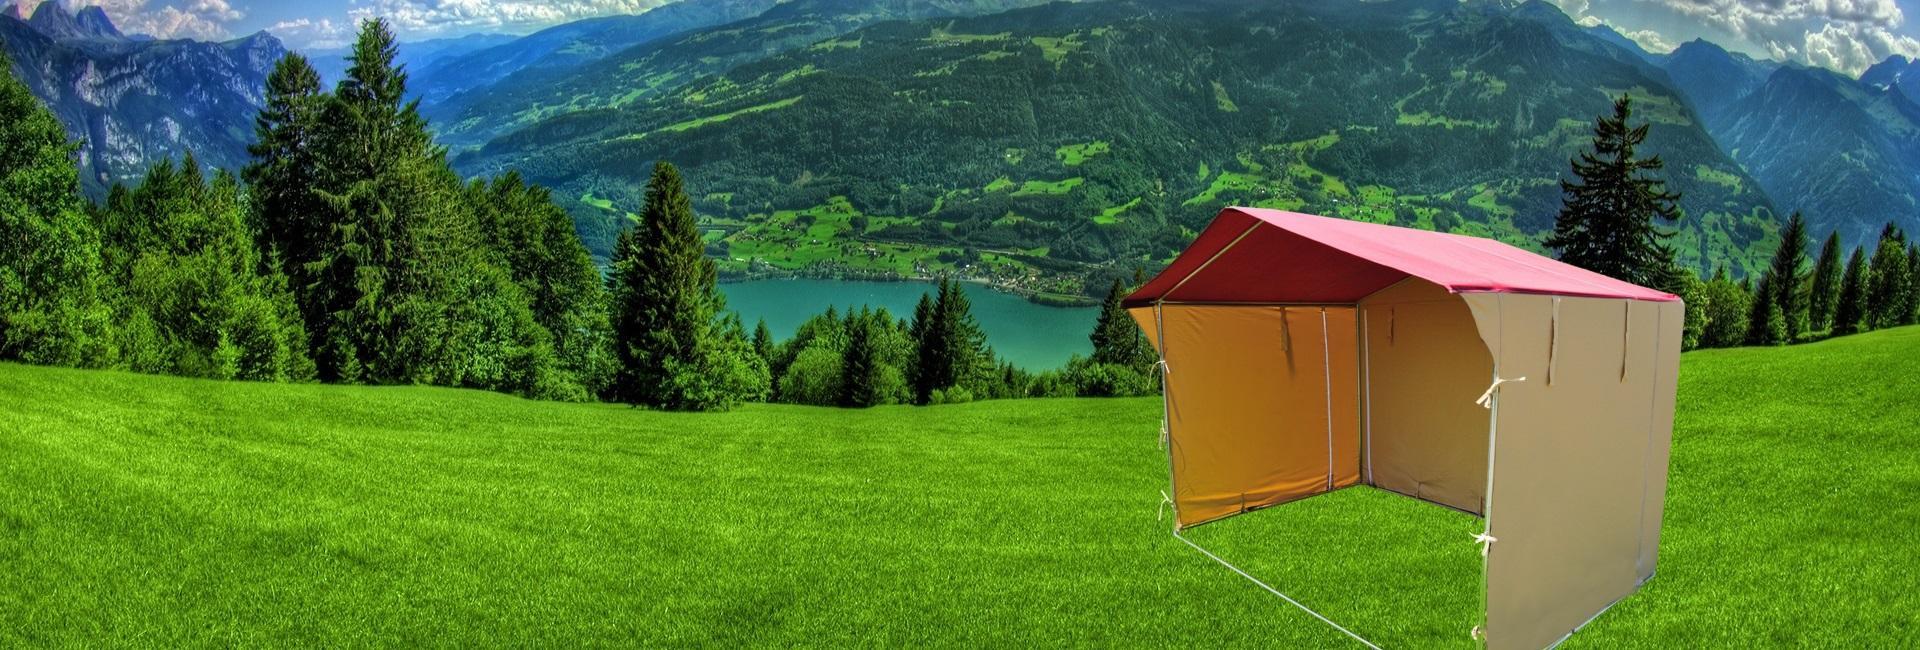 Młodzieńczy Gralech – namioty handlowe producent | namioty ekspresowe DL31